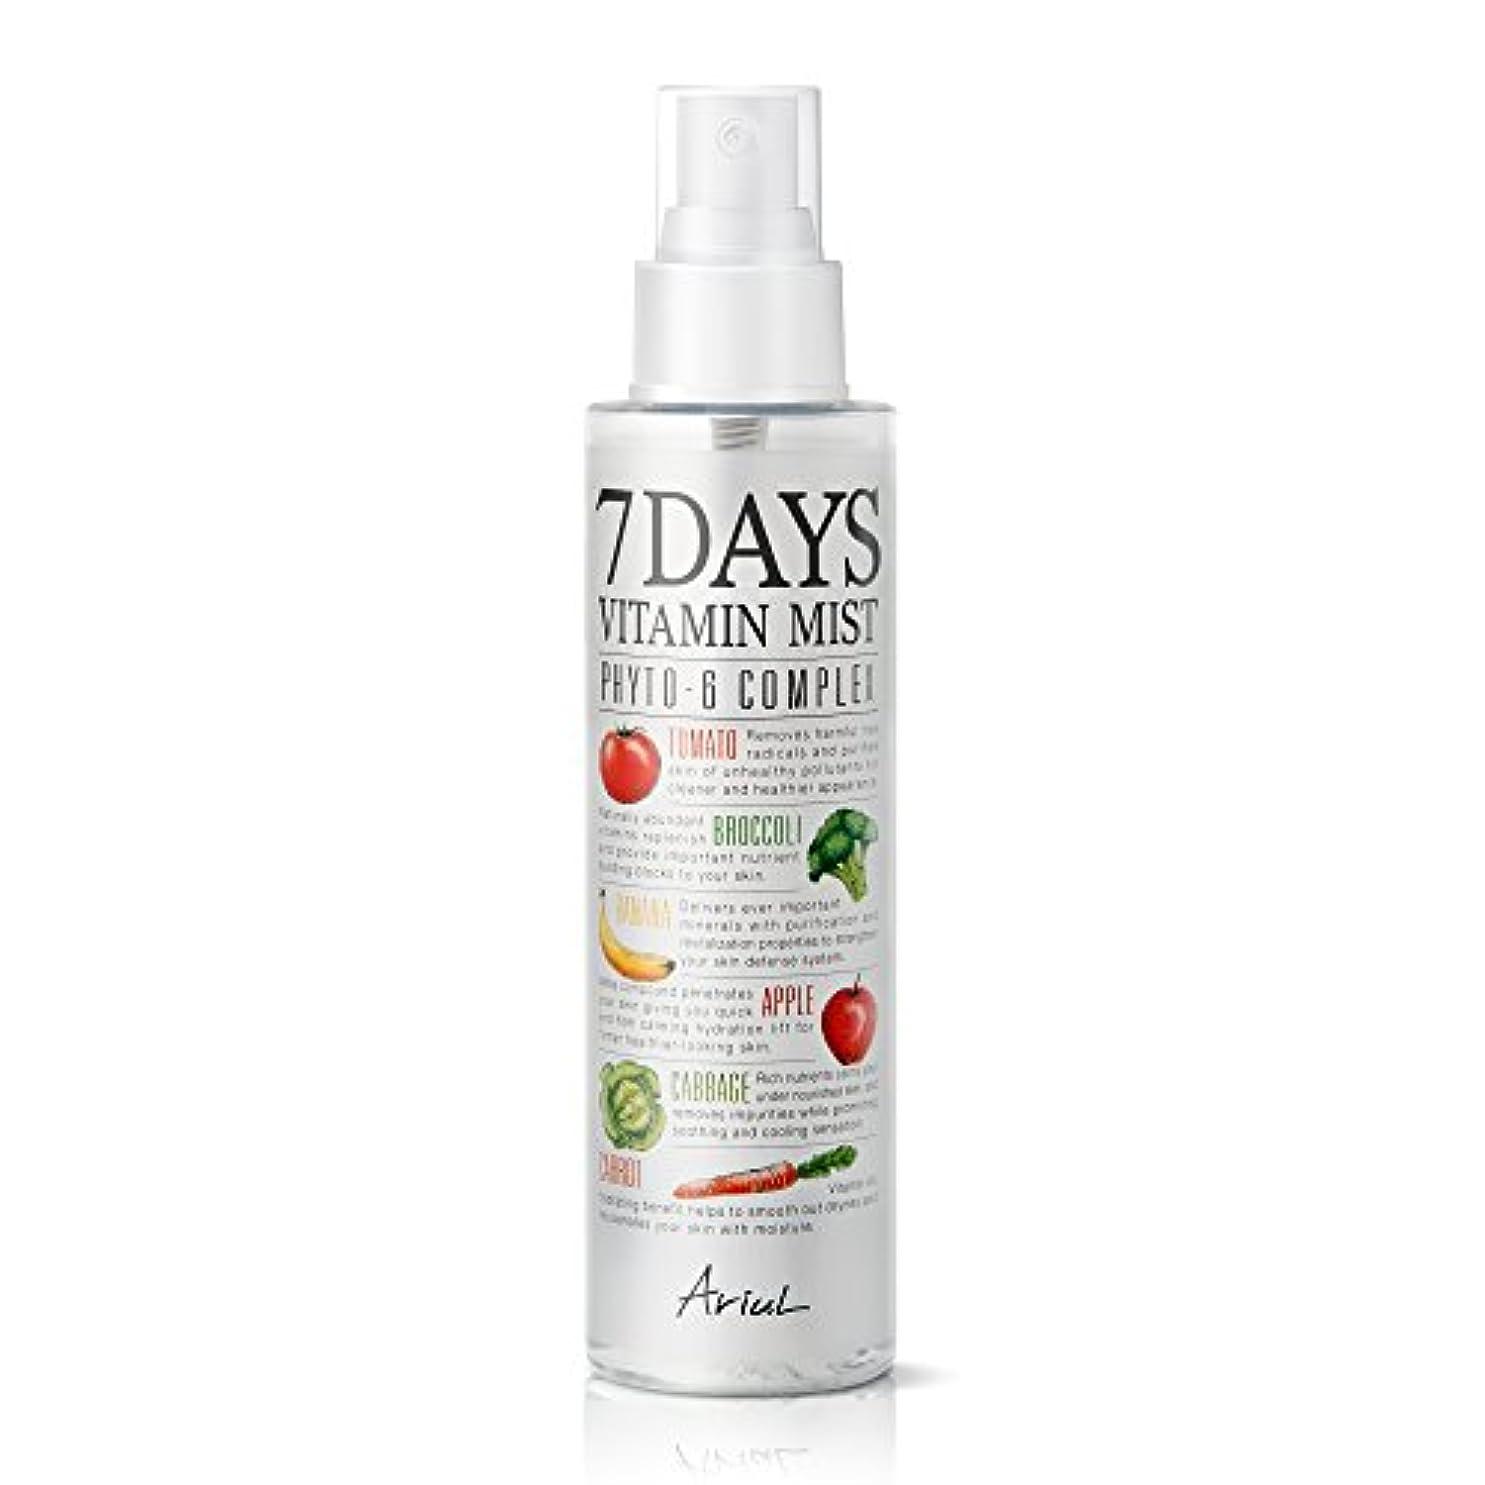 会話閉塞サスペンドアリアル 7デイズビタミンミスト150ml / Ariul Natural Facial Face Mist 7 Days Vitamin Mist [並行輸入品]